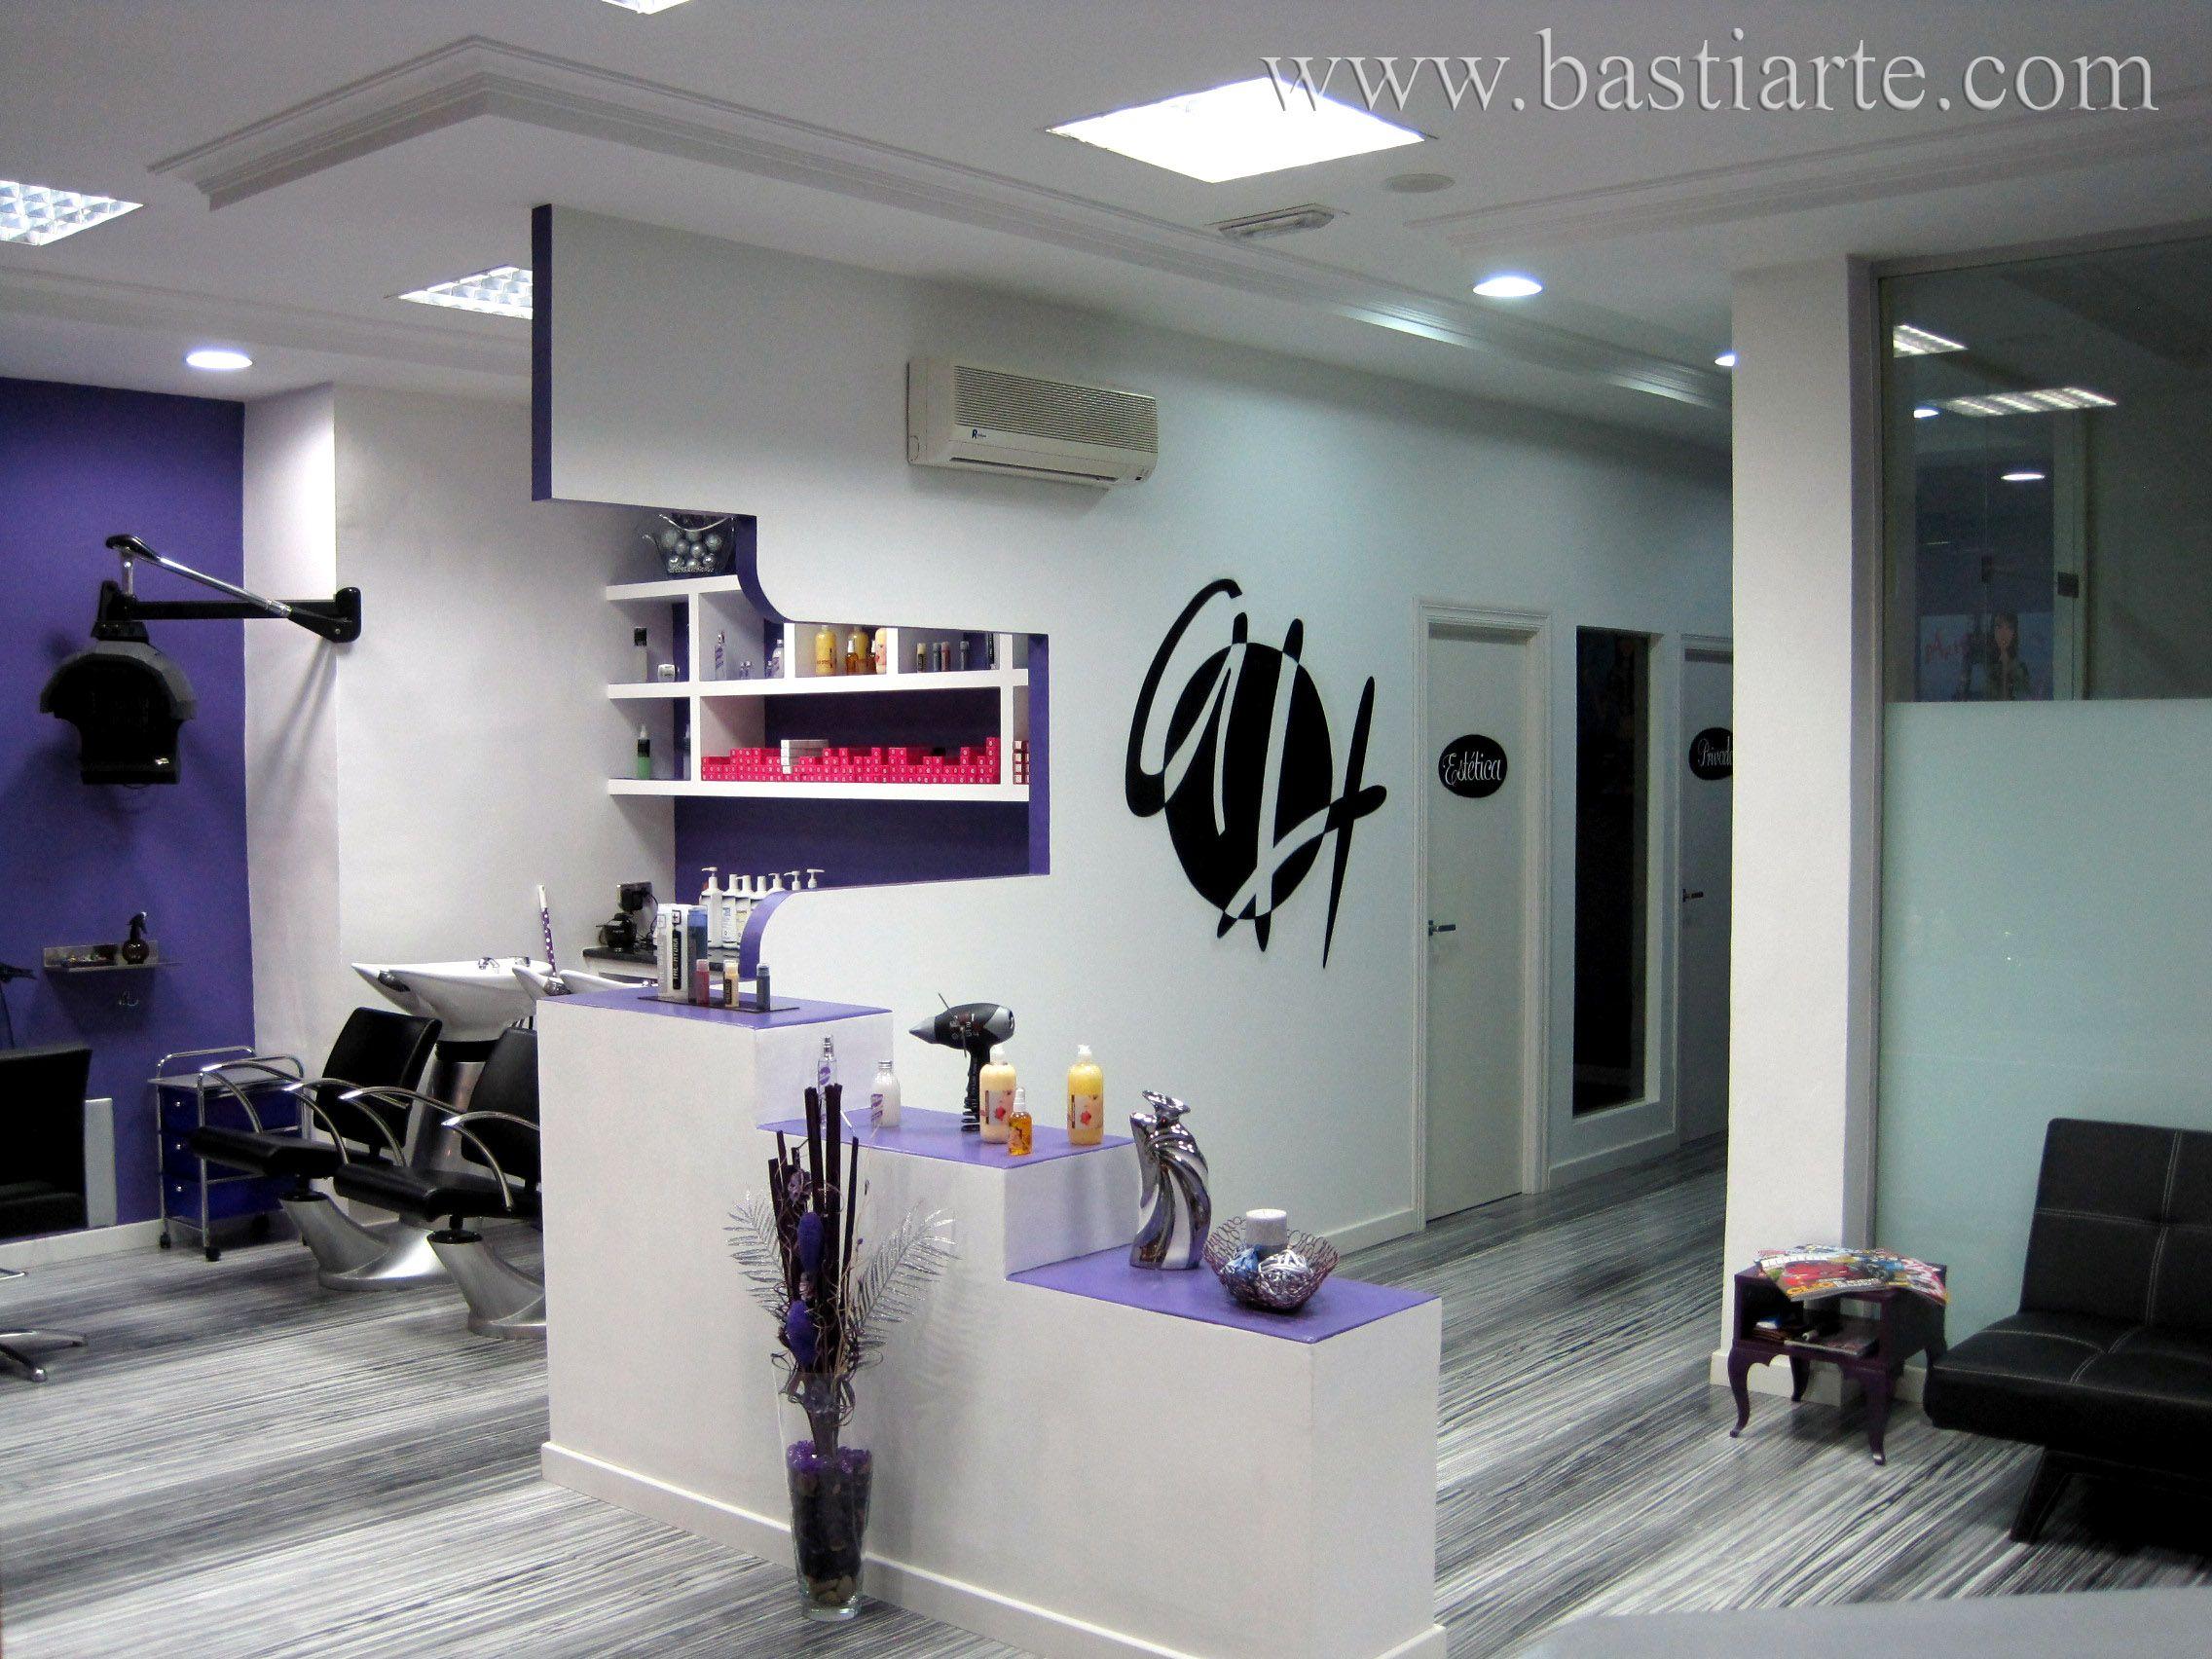 Peluquerias de dise o espacios peluquer as pinterest - Ideas para decorar una peluqueria ...